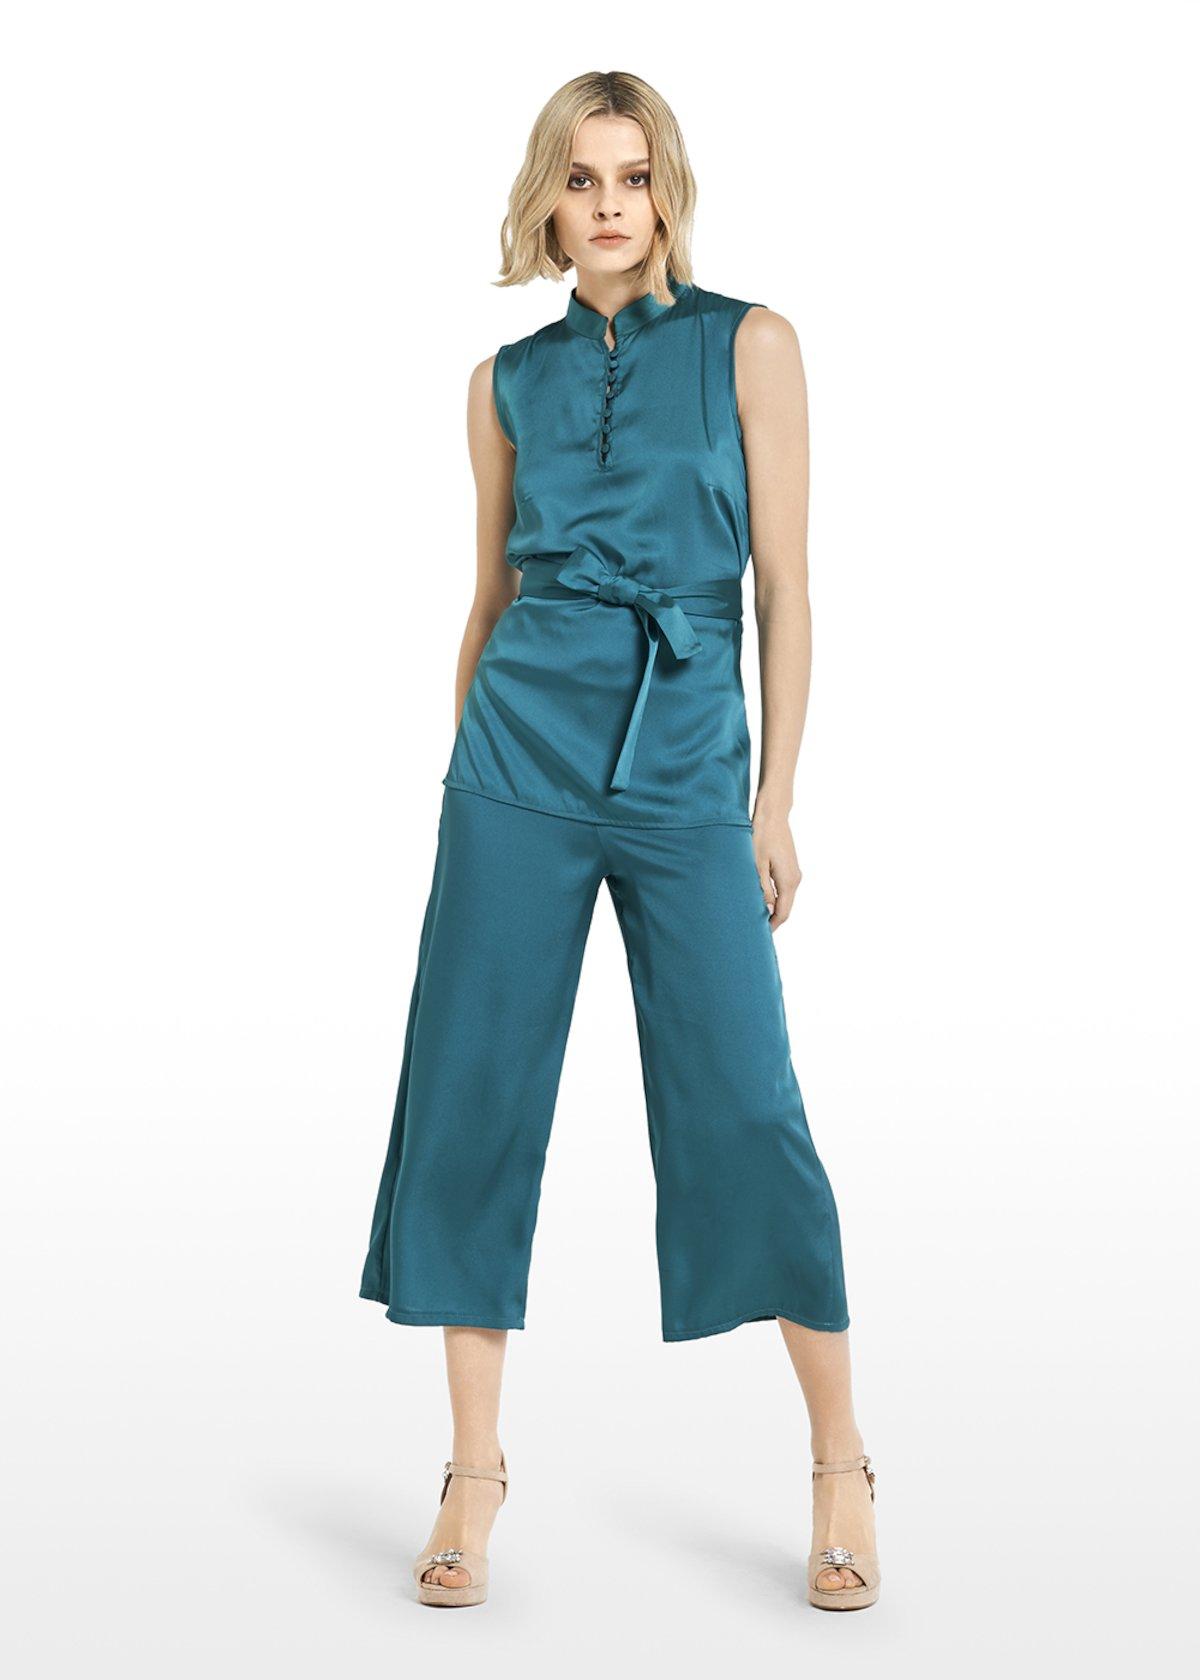 Tiago top satin effect with Jap Korean collar - Jungle - Woman - Category image